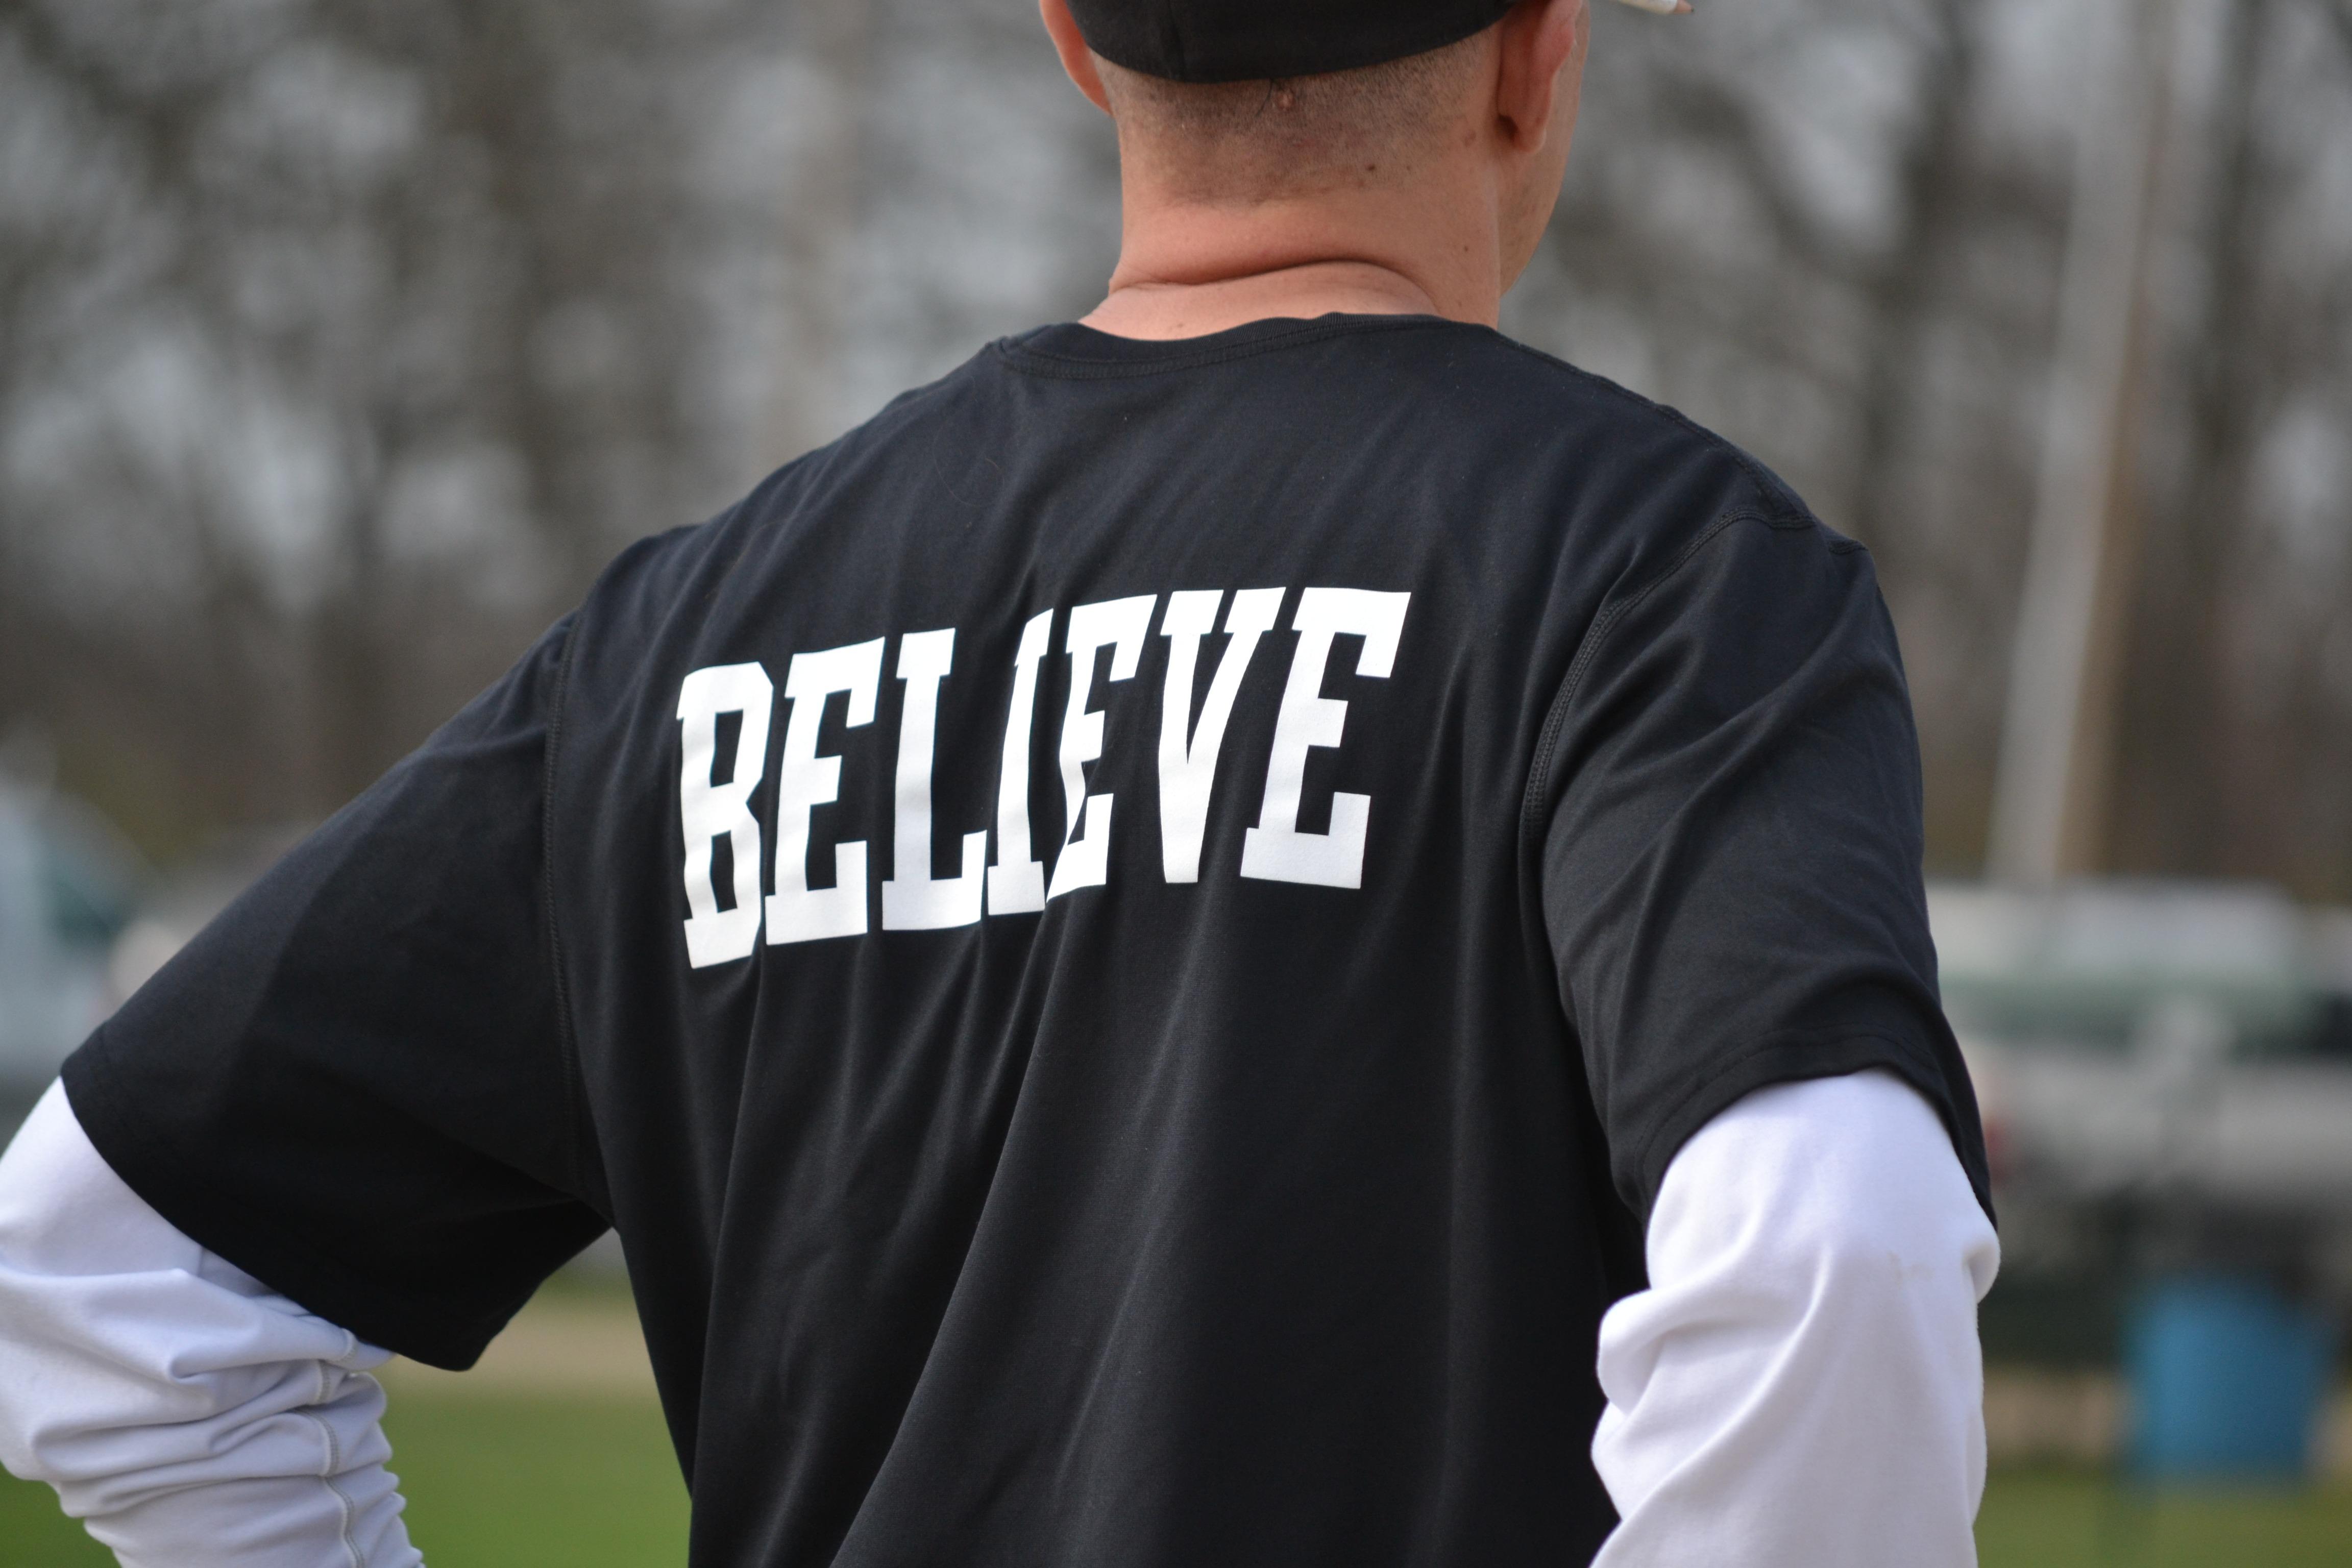 c6c3ce5b45 hombre palabra blanco béisbol masculino primavera camiseta ropa negro  jugador camisa equipo Deportes espalda inspiración ropa